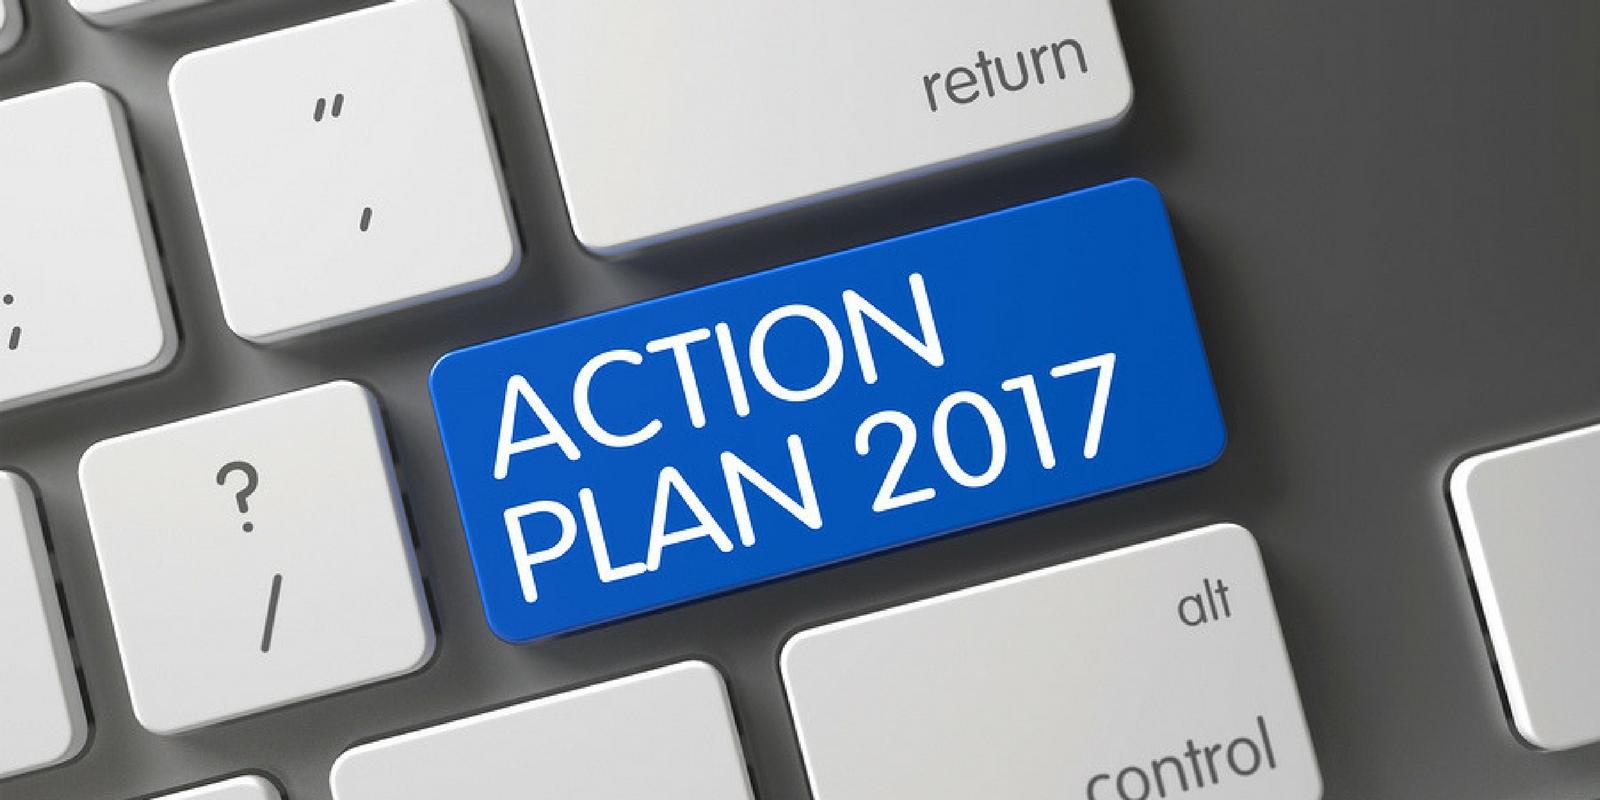 Action plan 2017